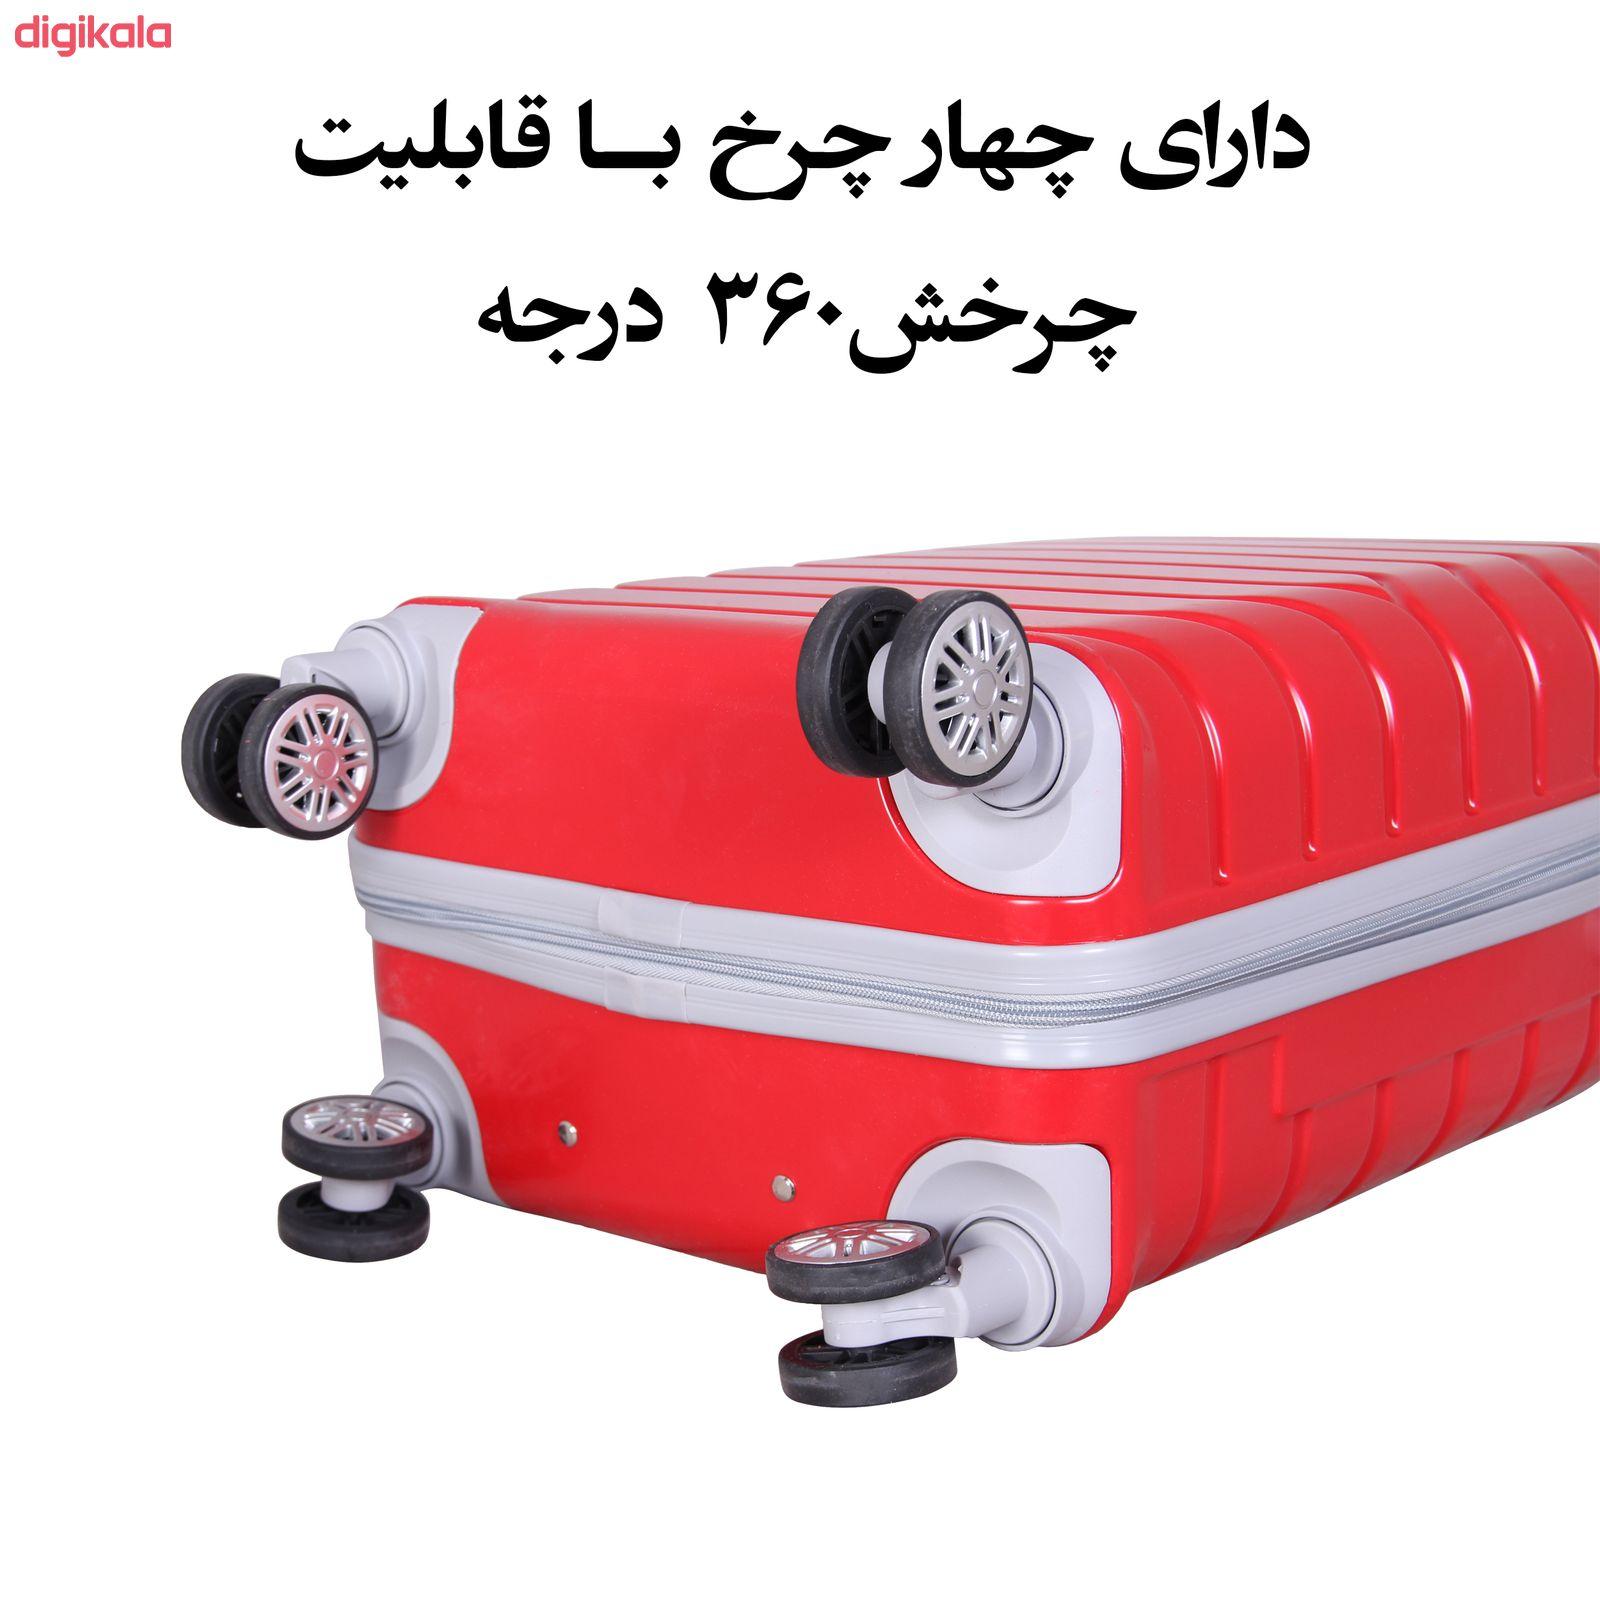 مجموعه سه عددی چمدان مدل 10021 main 1 28